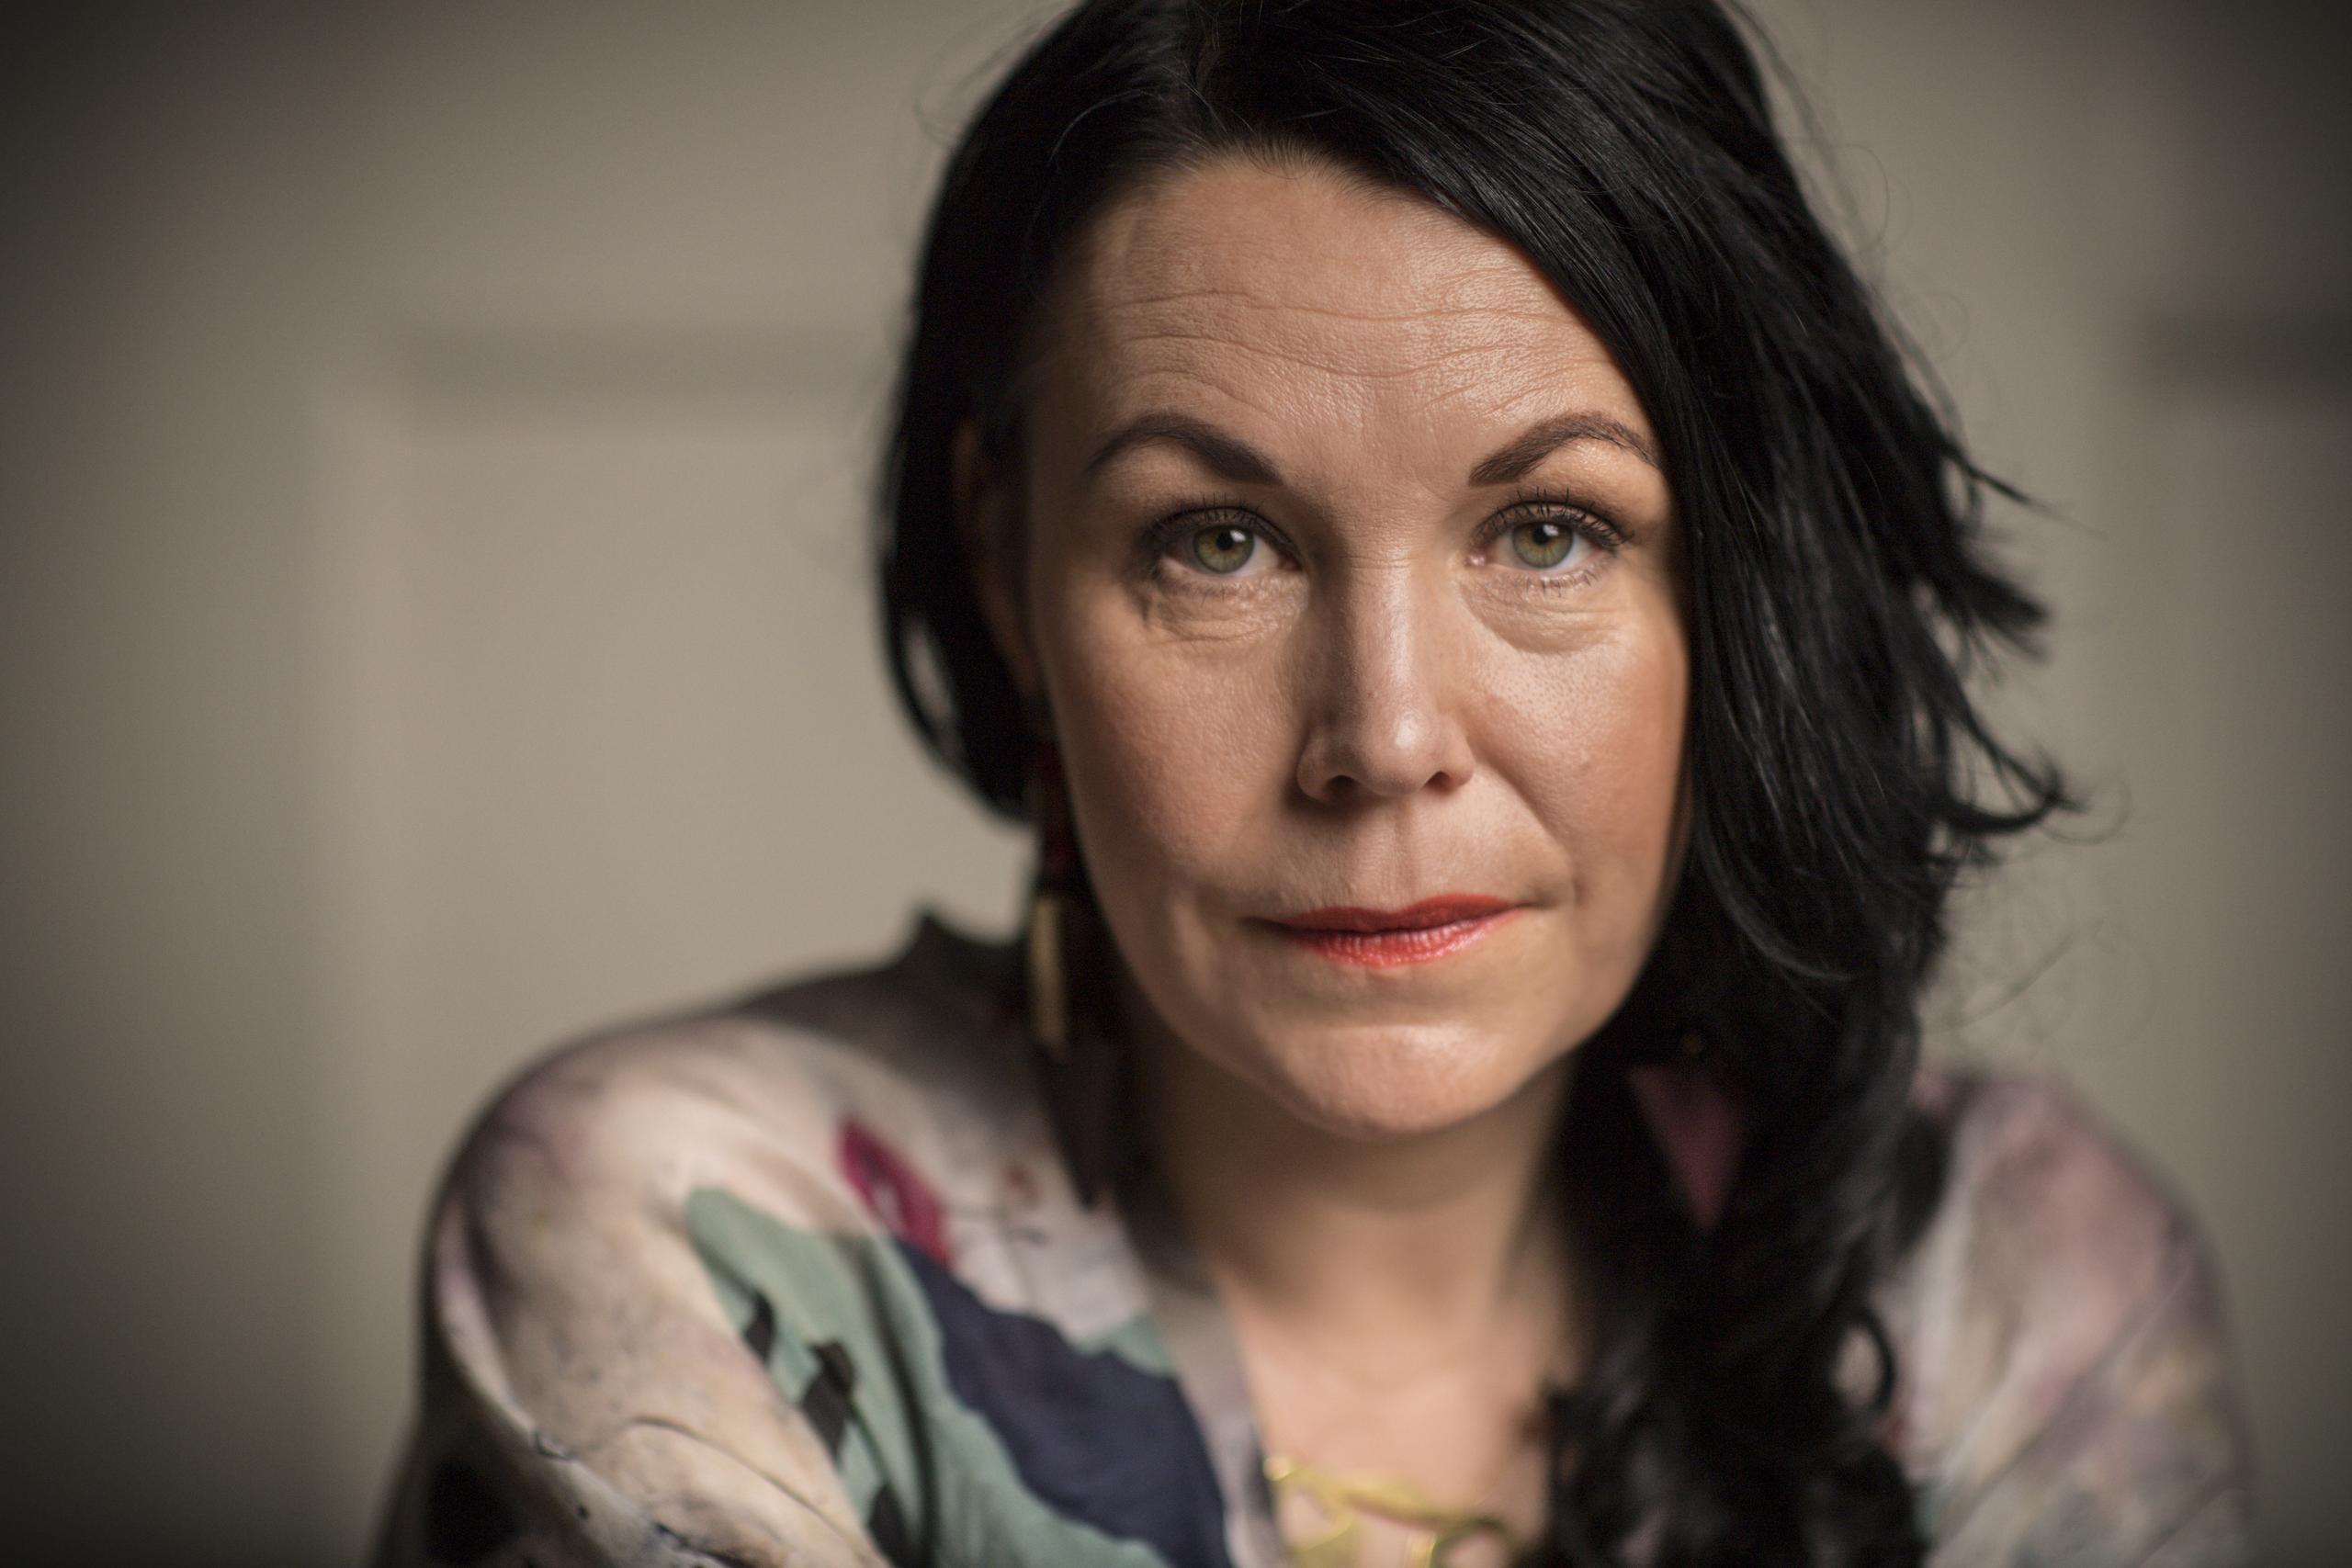 Maria Sveland och Cissi Wallin gör dokumentär om sexualbrott